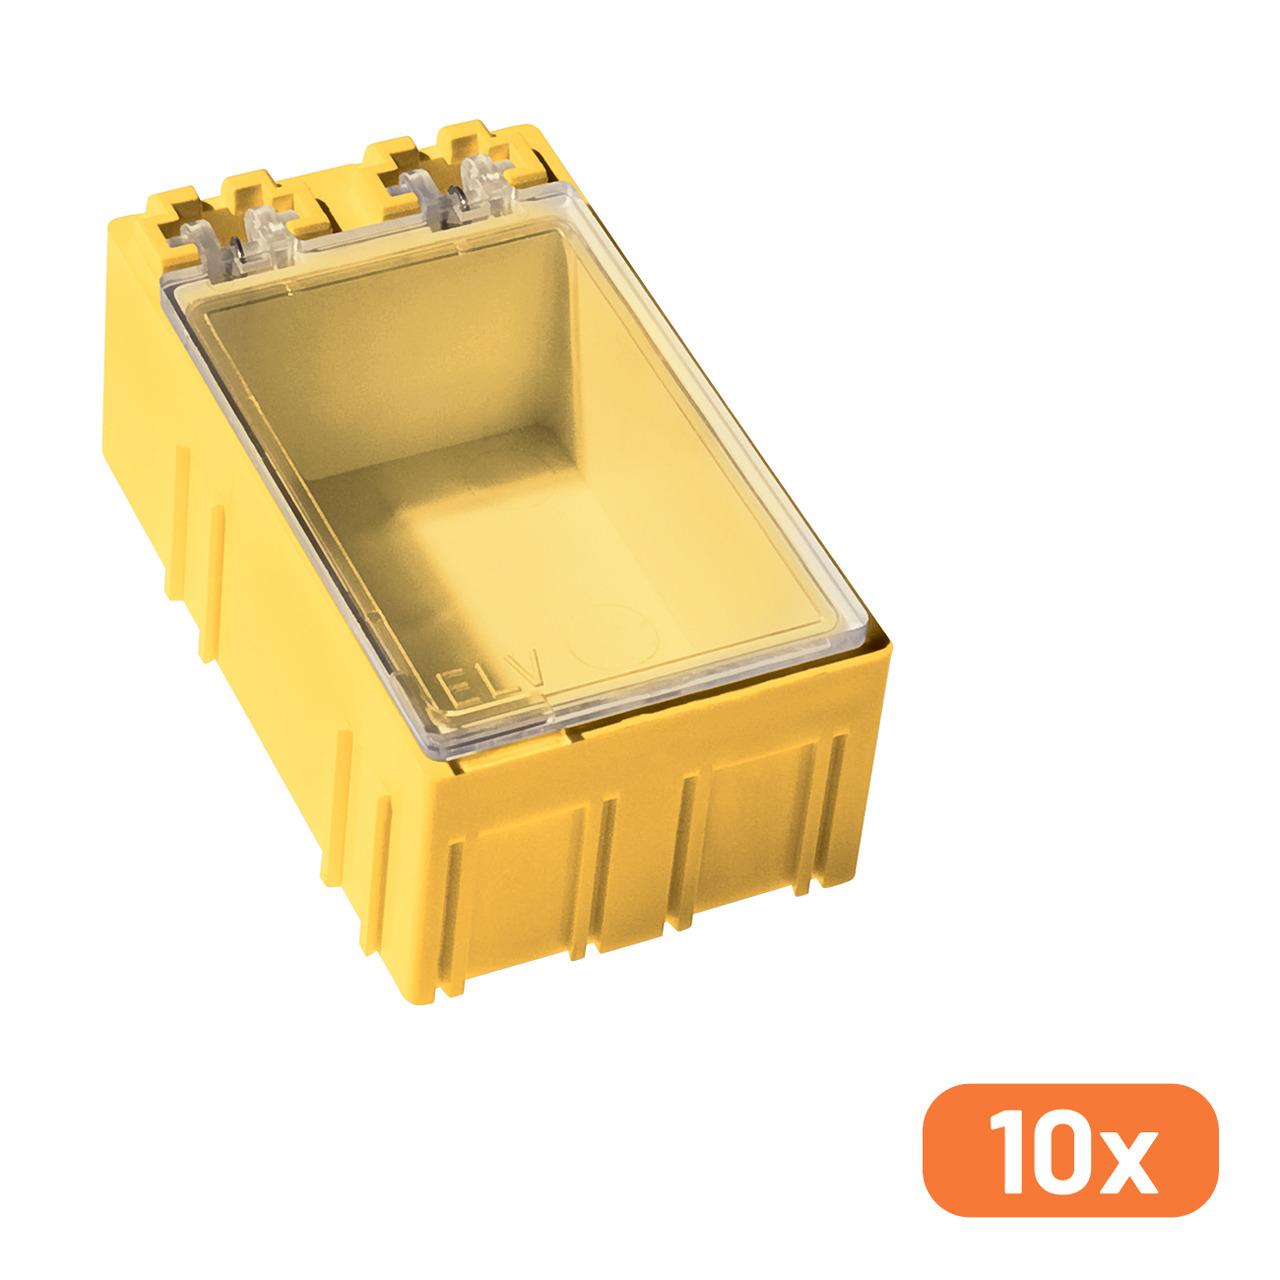 ELV 10er-Set SMD-Sortierbox- Gelb- 23 x 31 x 54 mm